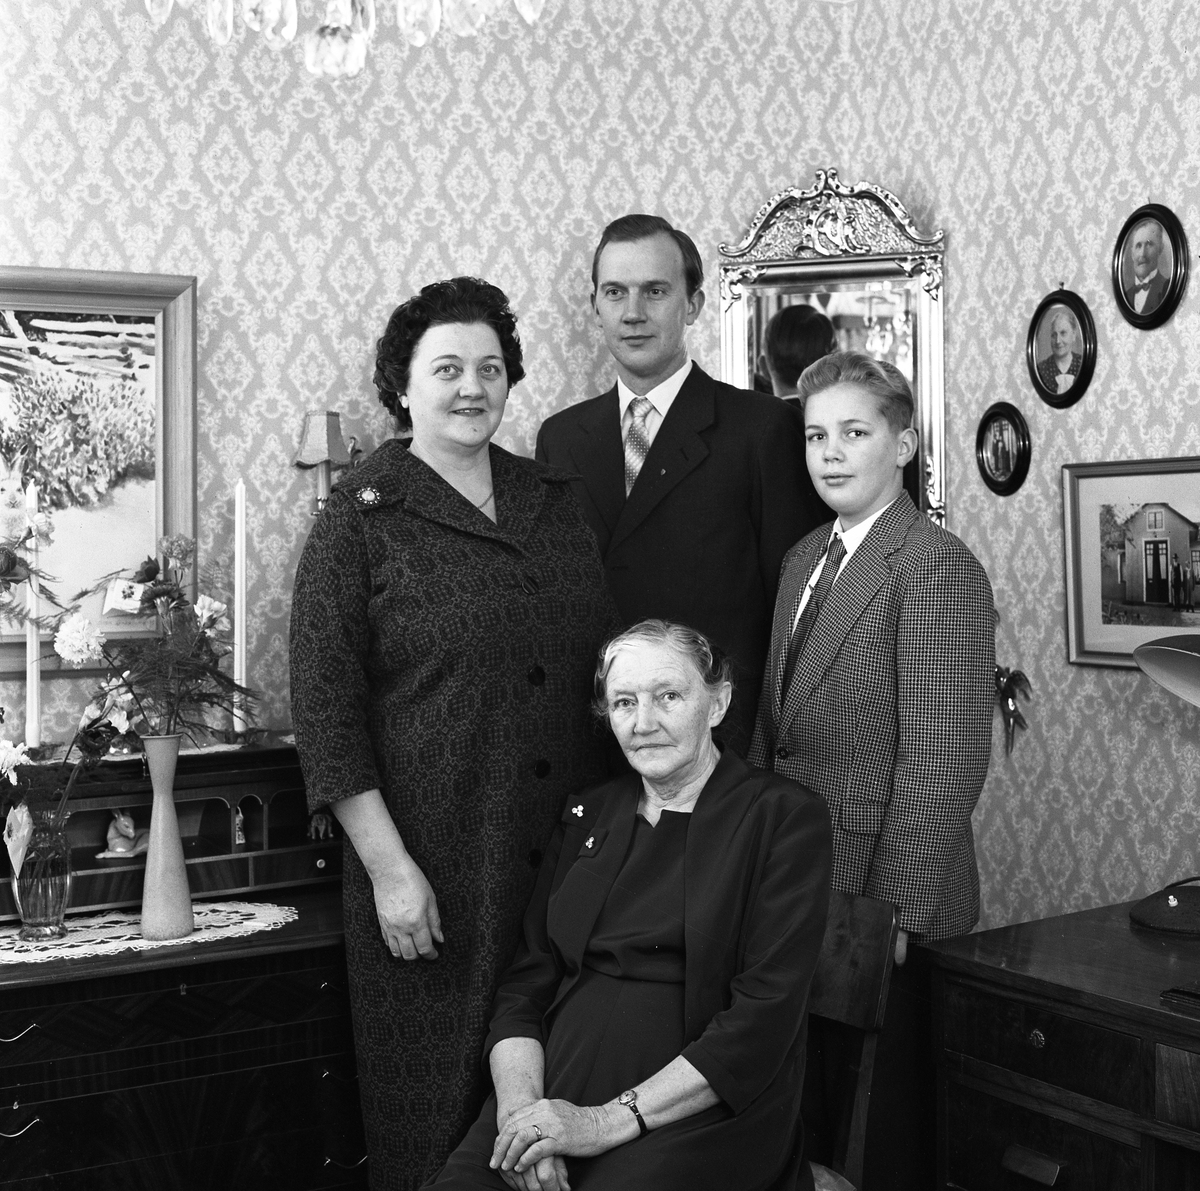 Fyra generationer. Augusta Gustavsson (sittande) är född 1881. Hennes dotter, Ingegärd Karlsson, är född 1906. Åke Johansson är född 1925 och hans son, Per-Åke Johansson, är född 1945. Åke körde lastbil åt sin styvfar Evert. Per-Åke blev polis. Bilden kan vara tagen på Trädgårdsgatan 19. En sekretär står till vänster och en stor spegel ses, på väggen, bakom gruppen. Evert Karlsson, Trädgårdsgatan 19